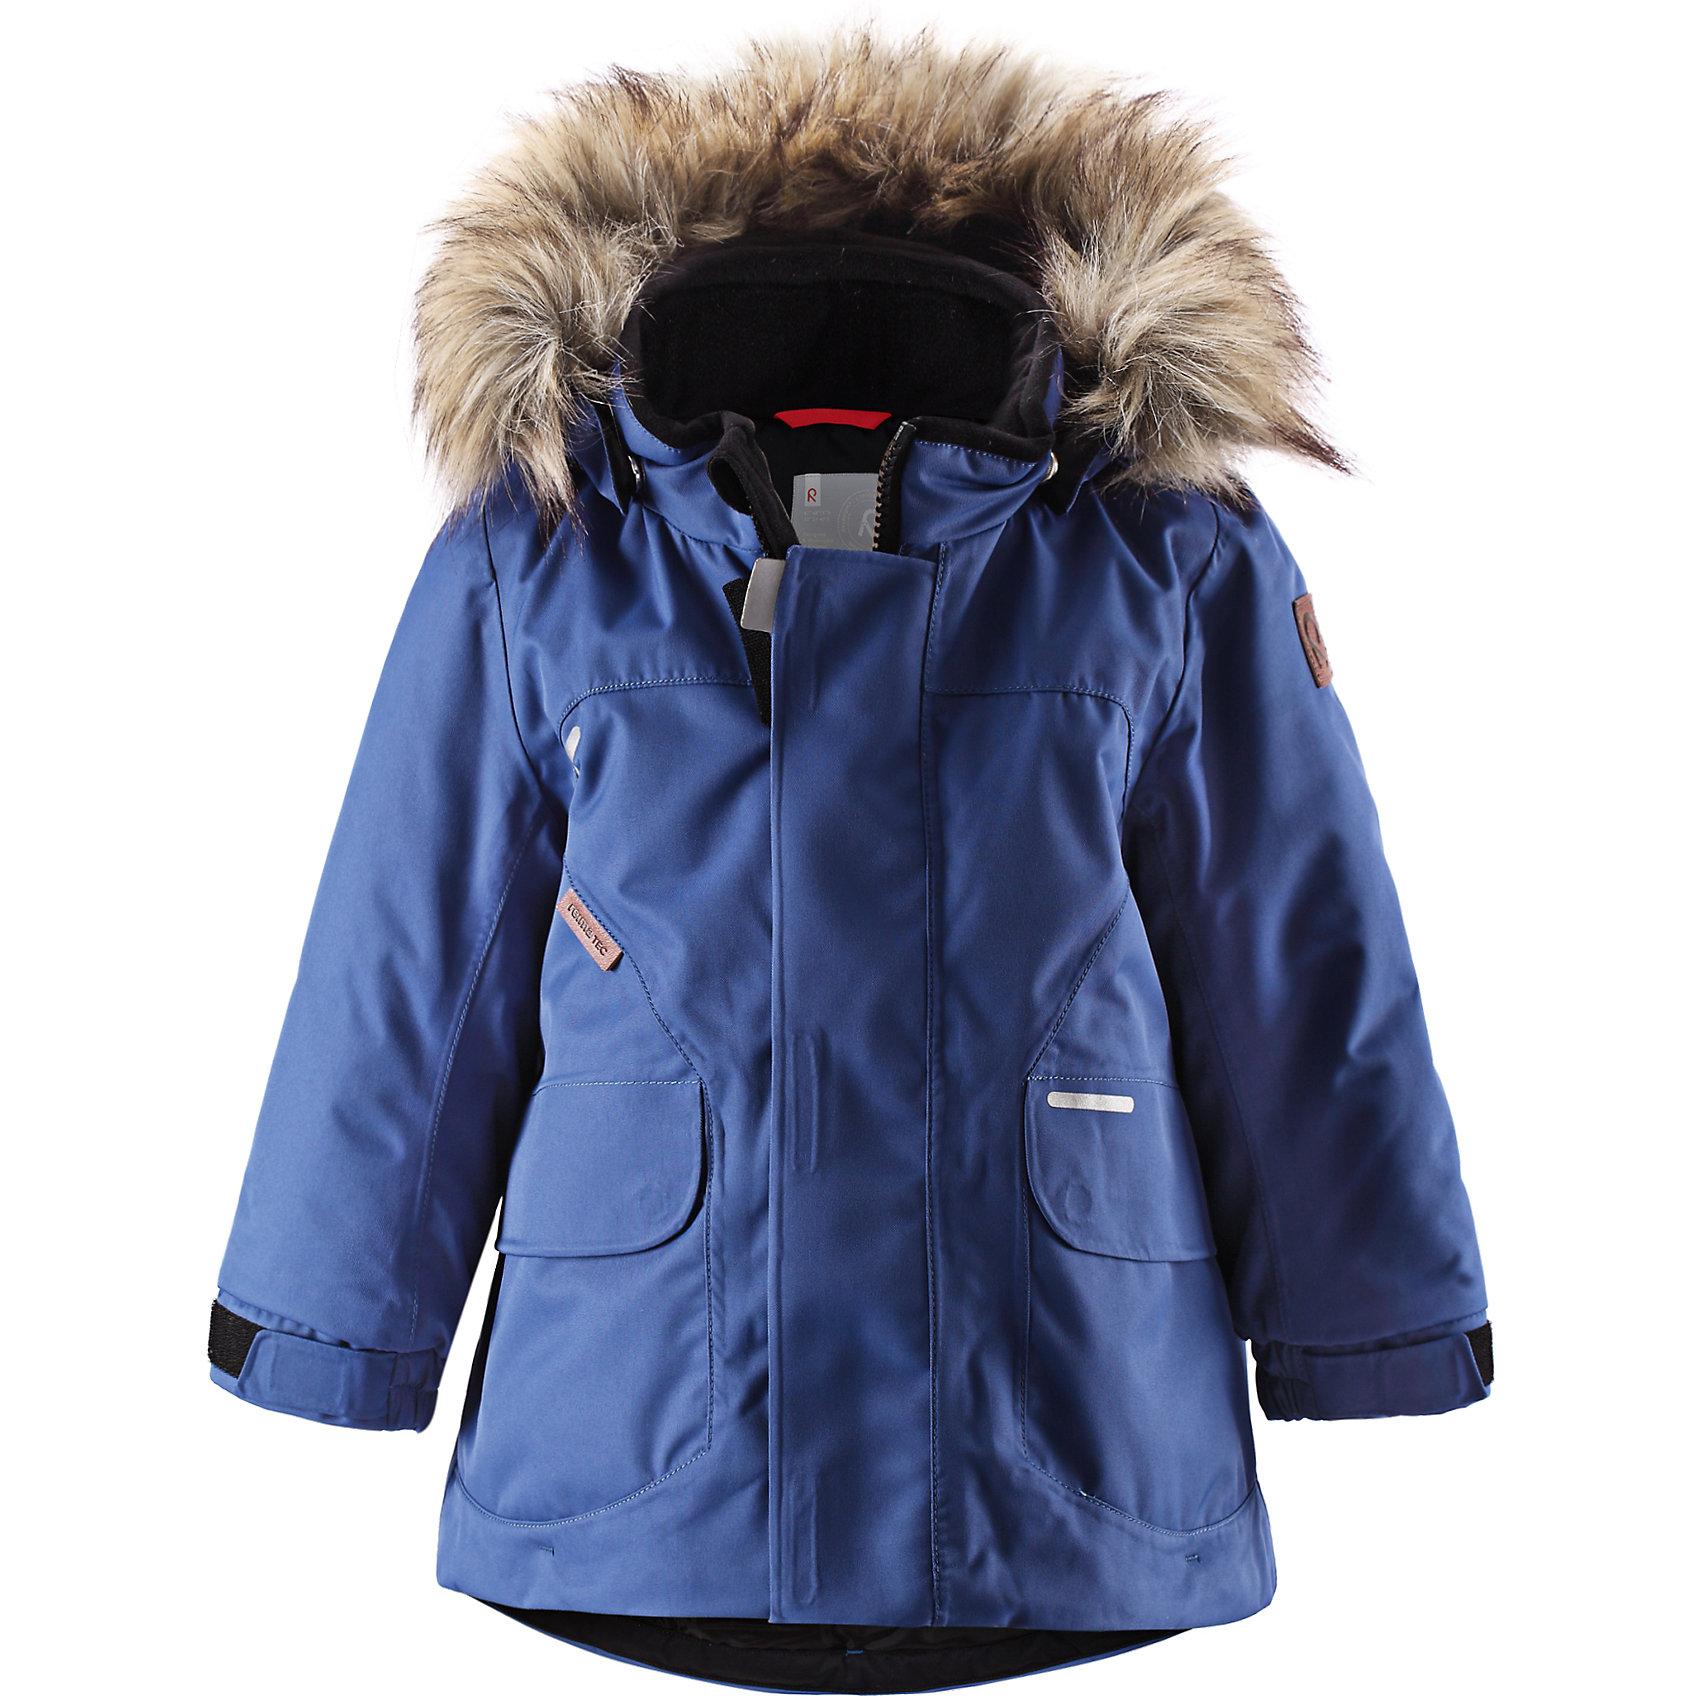 Куртка для мальчика Reimatec® ReimaЭта классическая куртка для малышей водо- и ветронепроницаема! Эта модная совершенно водонепроницаемая, но пропускающая воздух зимняя куртка сделана из сертифицированного материала bluesign®. Покупатель может быть уверен, что материал надёжен и создаётся с минимальным воздействием на окружающую среду и здоровье. Все швы проклеены, водонепроницаемы, чтобы вода или влага не попала внутрь на прогулке. Куртка прямого покроя с регулируемым подогнутым краем и манжетами подходит как для девочек, так и для мальчиков. Это идеальный выбор для прогулки по городу. В этой куртке также будет тепло и уютно попрыгать на игровой площадке. Отстёгивающаяся отделка из искусственного меха на капюшоне добавляет этому стилю элегантный штрих, а в большие карманы с клапанами можно класть варежки, когда заходишь домой передохнуть. Съёмный капюшон безопасен для игр на улице. Если закреплённый кнопками капюшон зацепится за что-нибудь, он легко отстегнётся. Выбери свой любимый цвет из трендов этого сезона!<br><br>Водонепроницаемая зимняя куртка для малышей<br>Основной одобренный материал - bluesign®<br>Безопасный съёмный капюшон с отстёгивающейся отделкой из искусственного меха<br>Удлинённые рукава<br>Большие карманы с клапанами<br>Состав:<br>100% ПА, ПУ-покрытие<br>Средняя степень утепления (до - 20)<br><br>Куртку Reimatec® (Рейматек) Reima (Рейма) можно купить в нашем магазине.<br><br>Ширина мм: 356<br>Глубина мм: 10<br>Высота мм: 245<br>Вес г: 519<br>Цвет: голубой<br>Возраст от месяцев: 6<br>Возраст до месяцев: 9<br>Пол: Мужской<br>Возраст: Детский<br>Размер: 74,98,80,86,92<br>SKU: 4208041